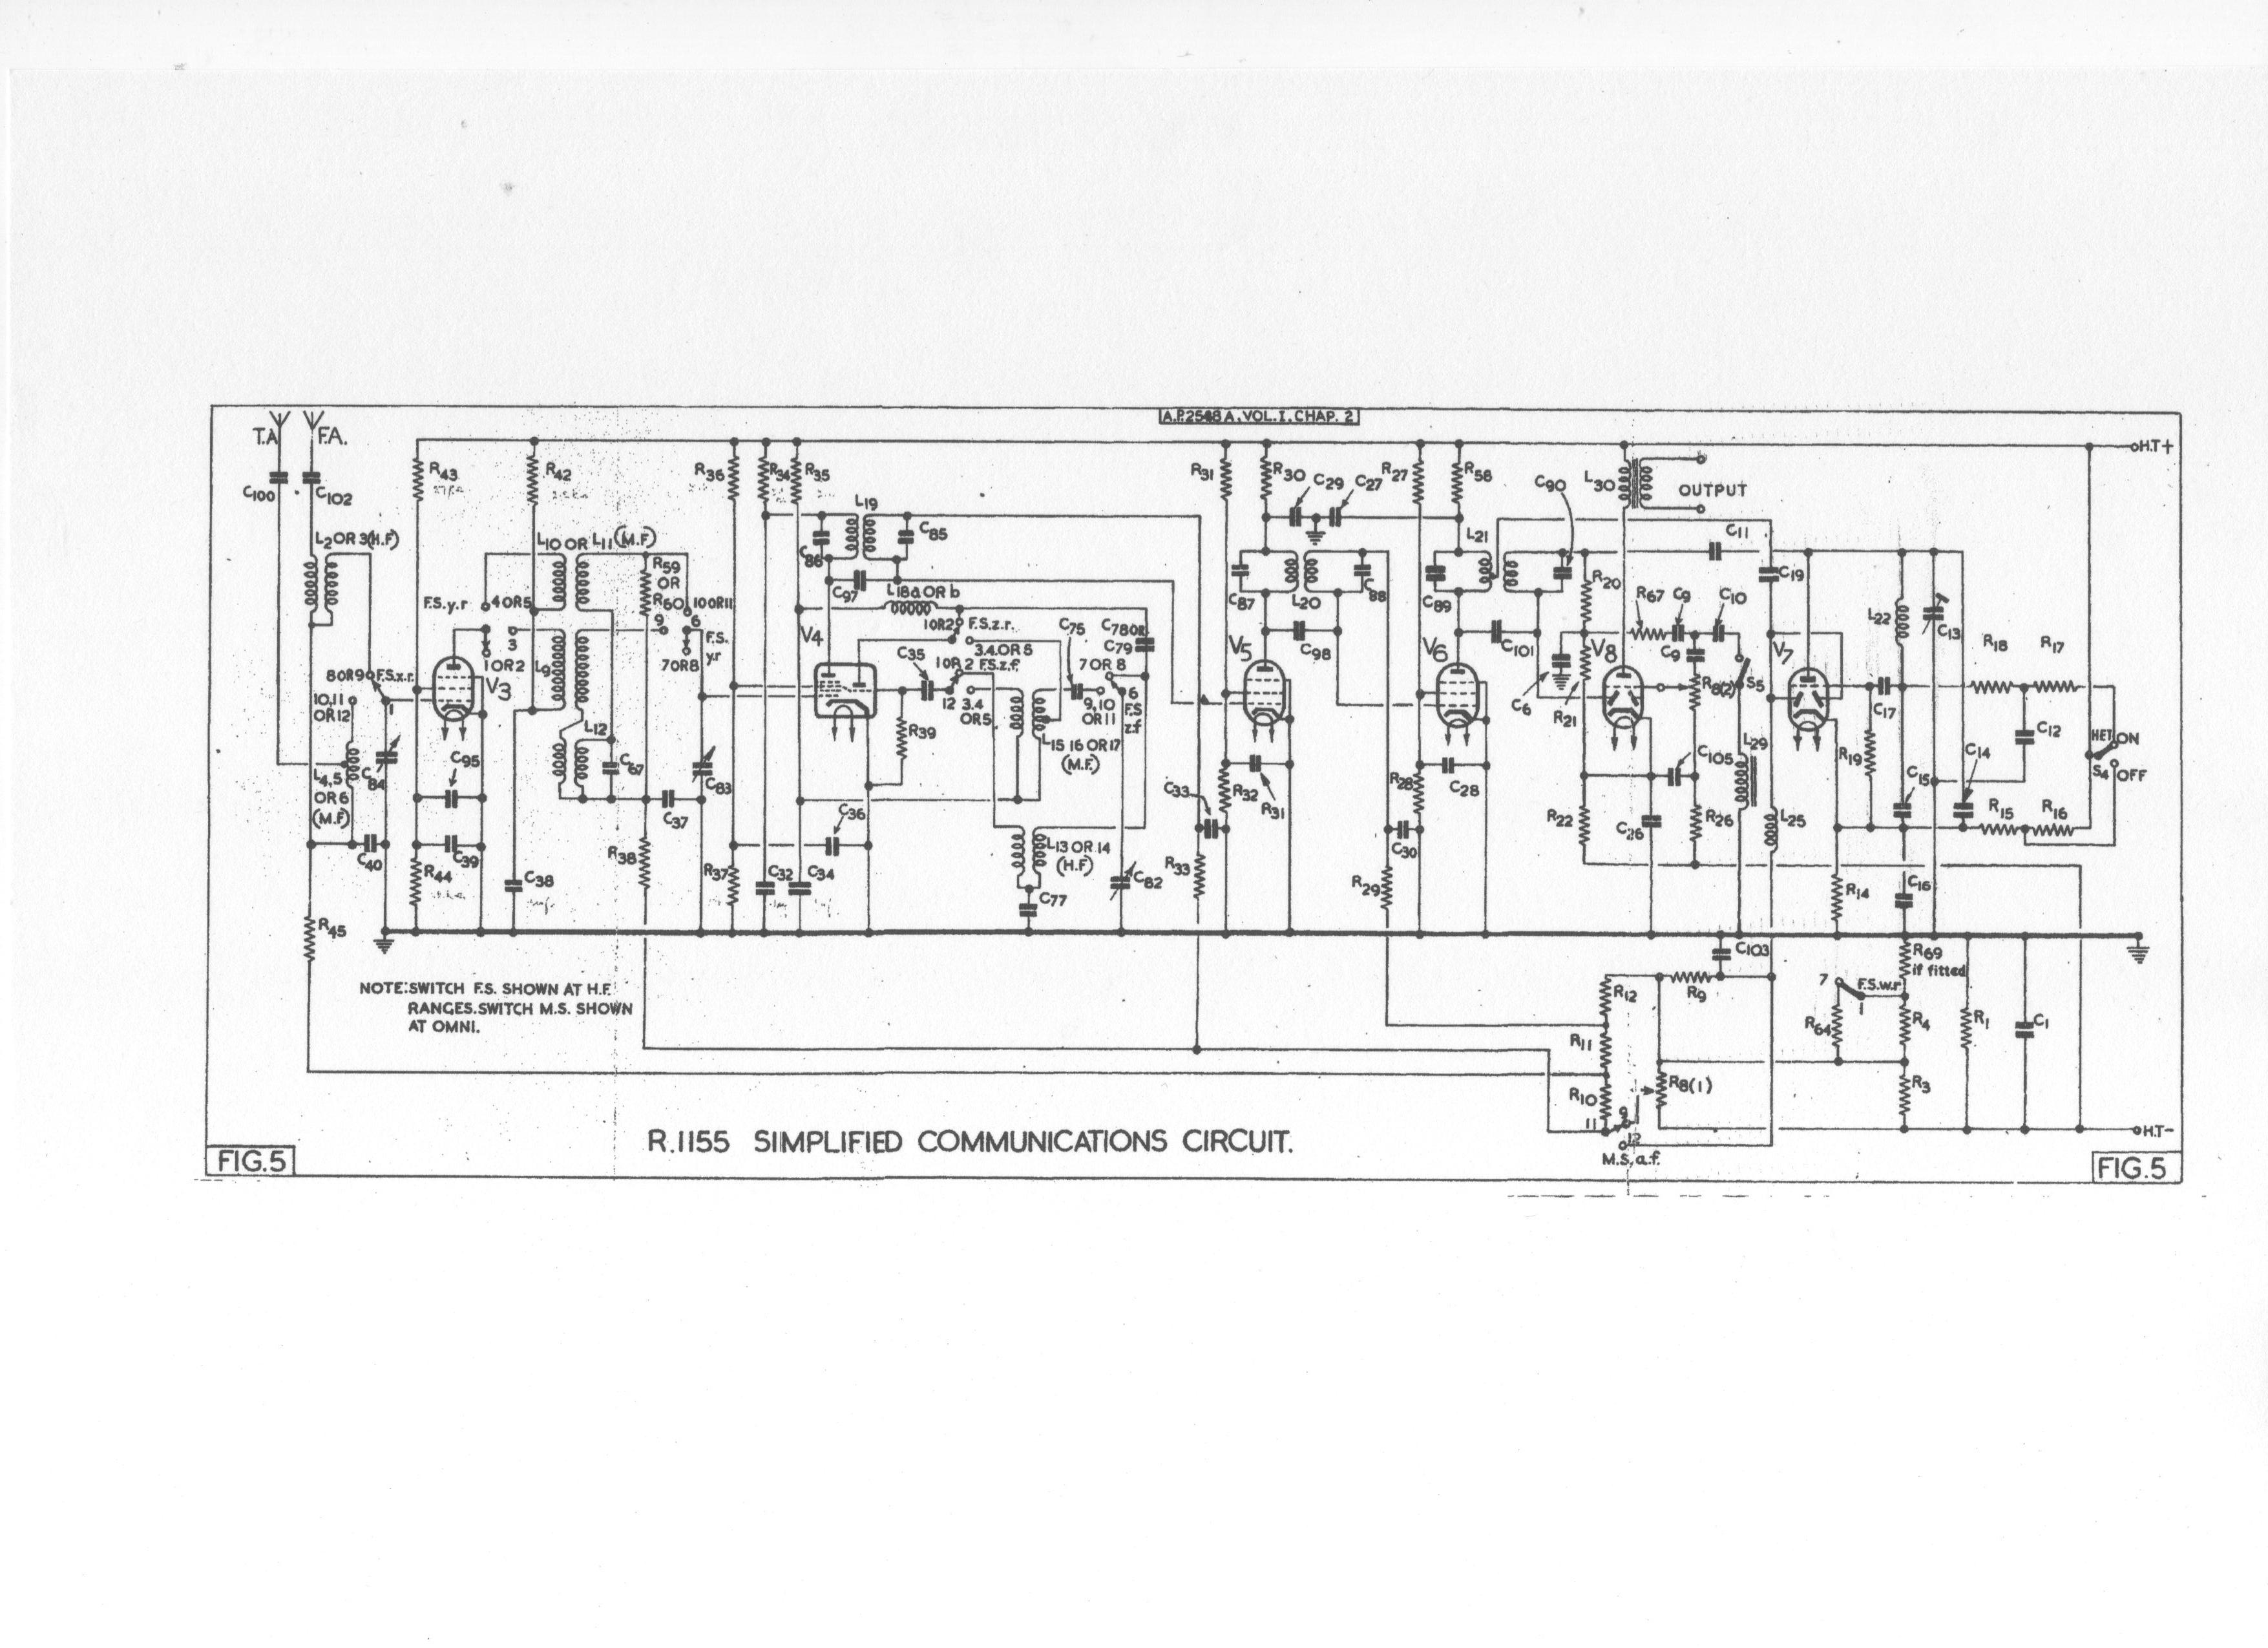 R 1155 kapcsolási rajz